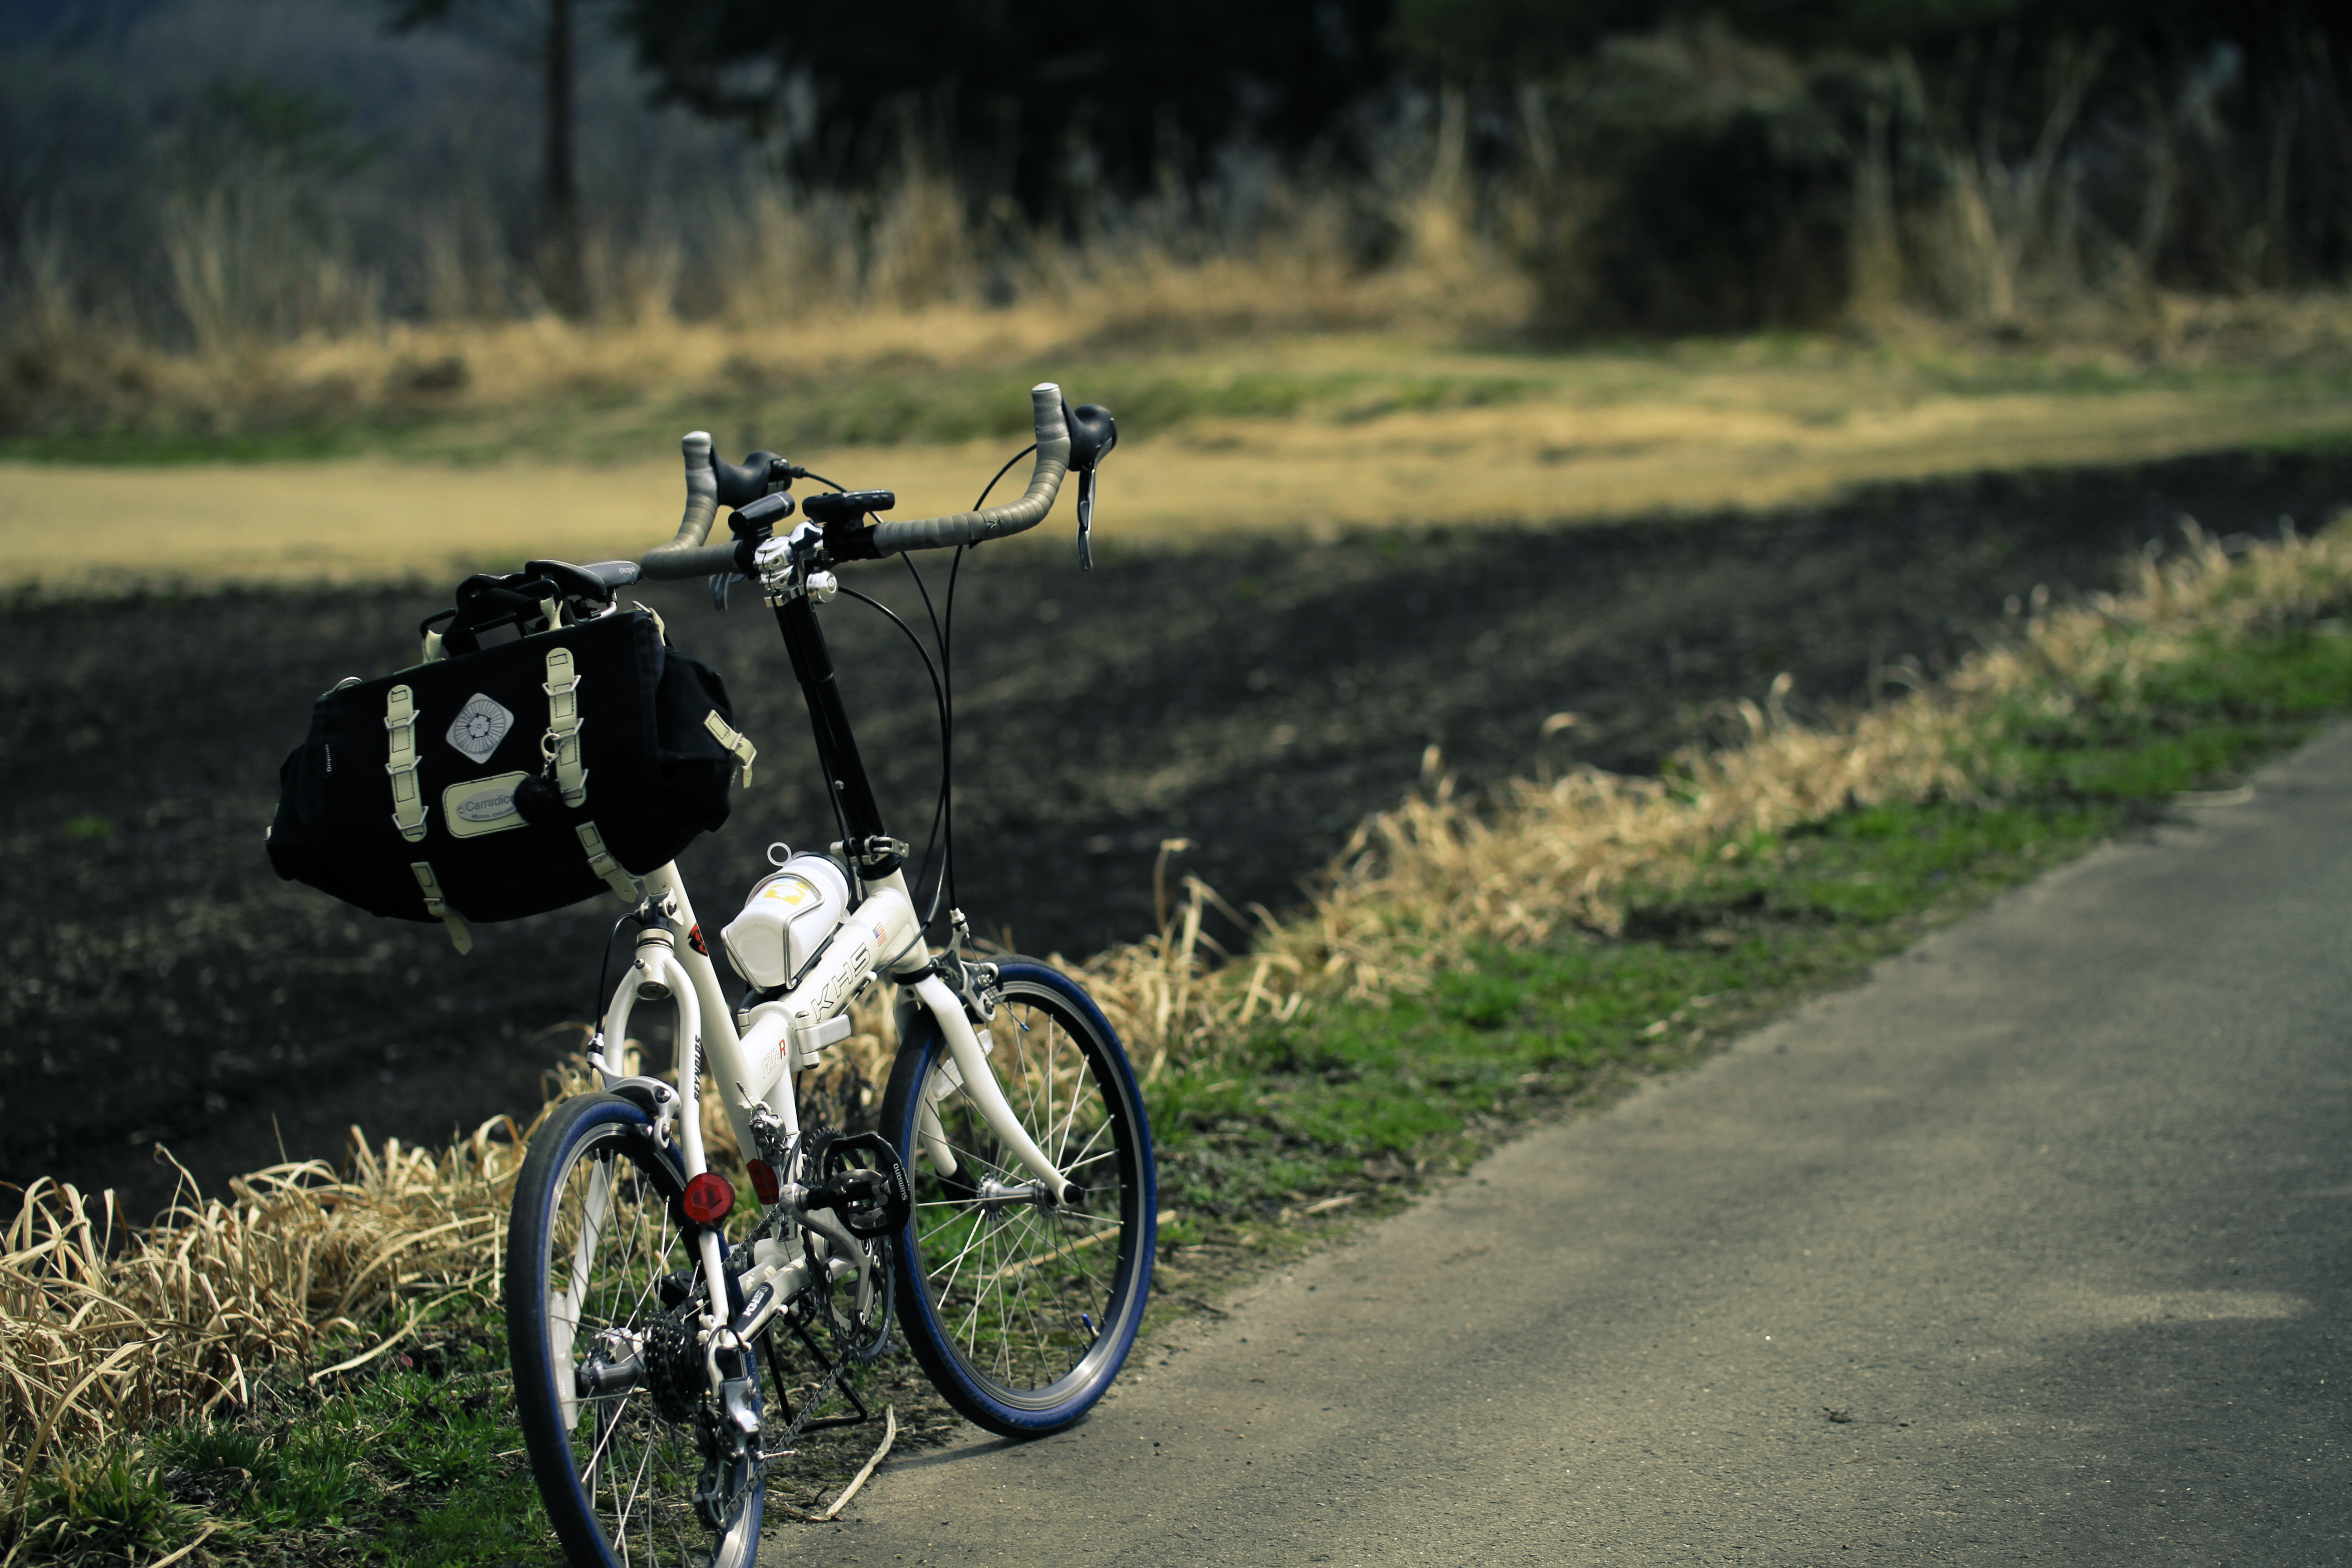 ミニベロのおすすめ10選!人気のビアンキ製自転車も紹介